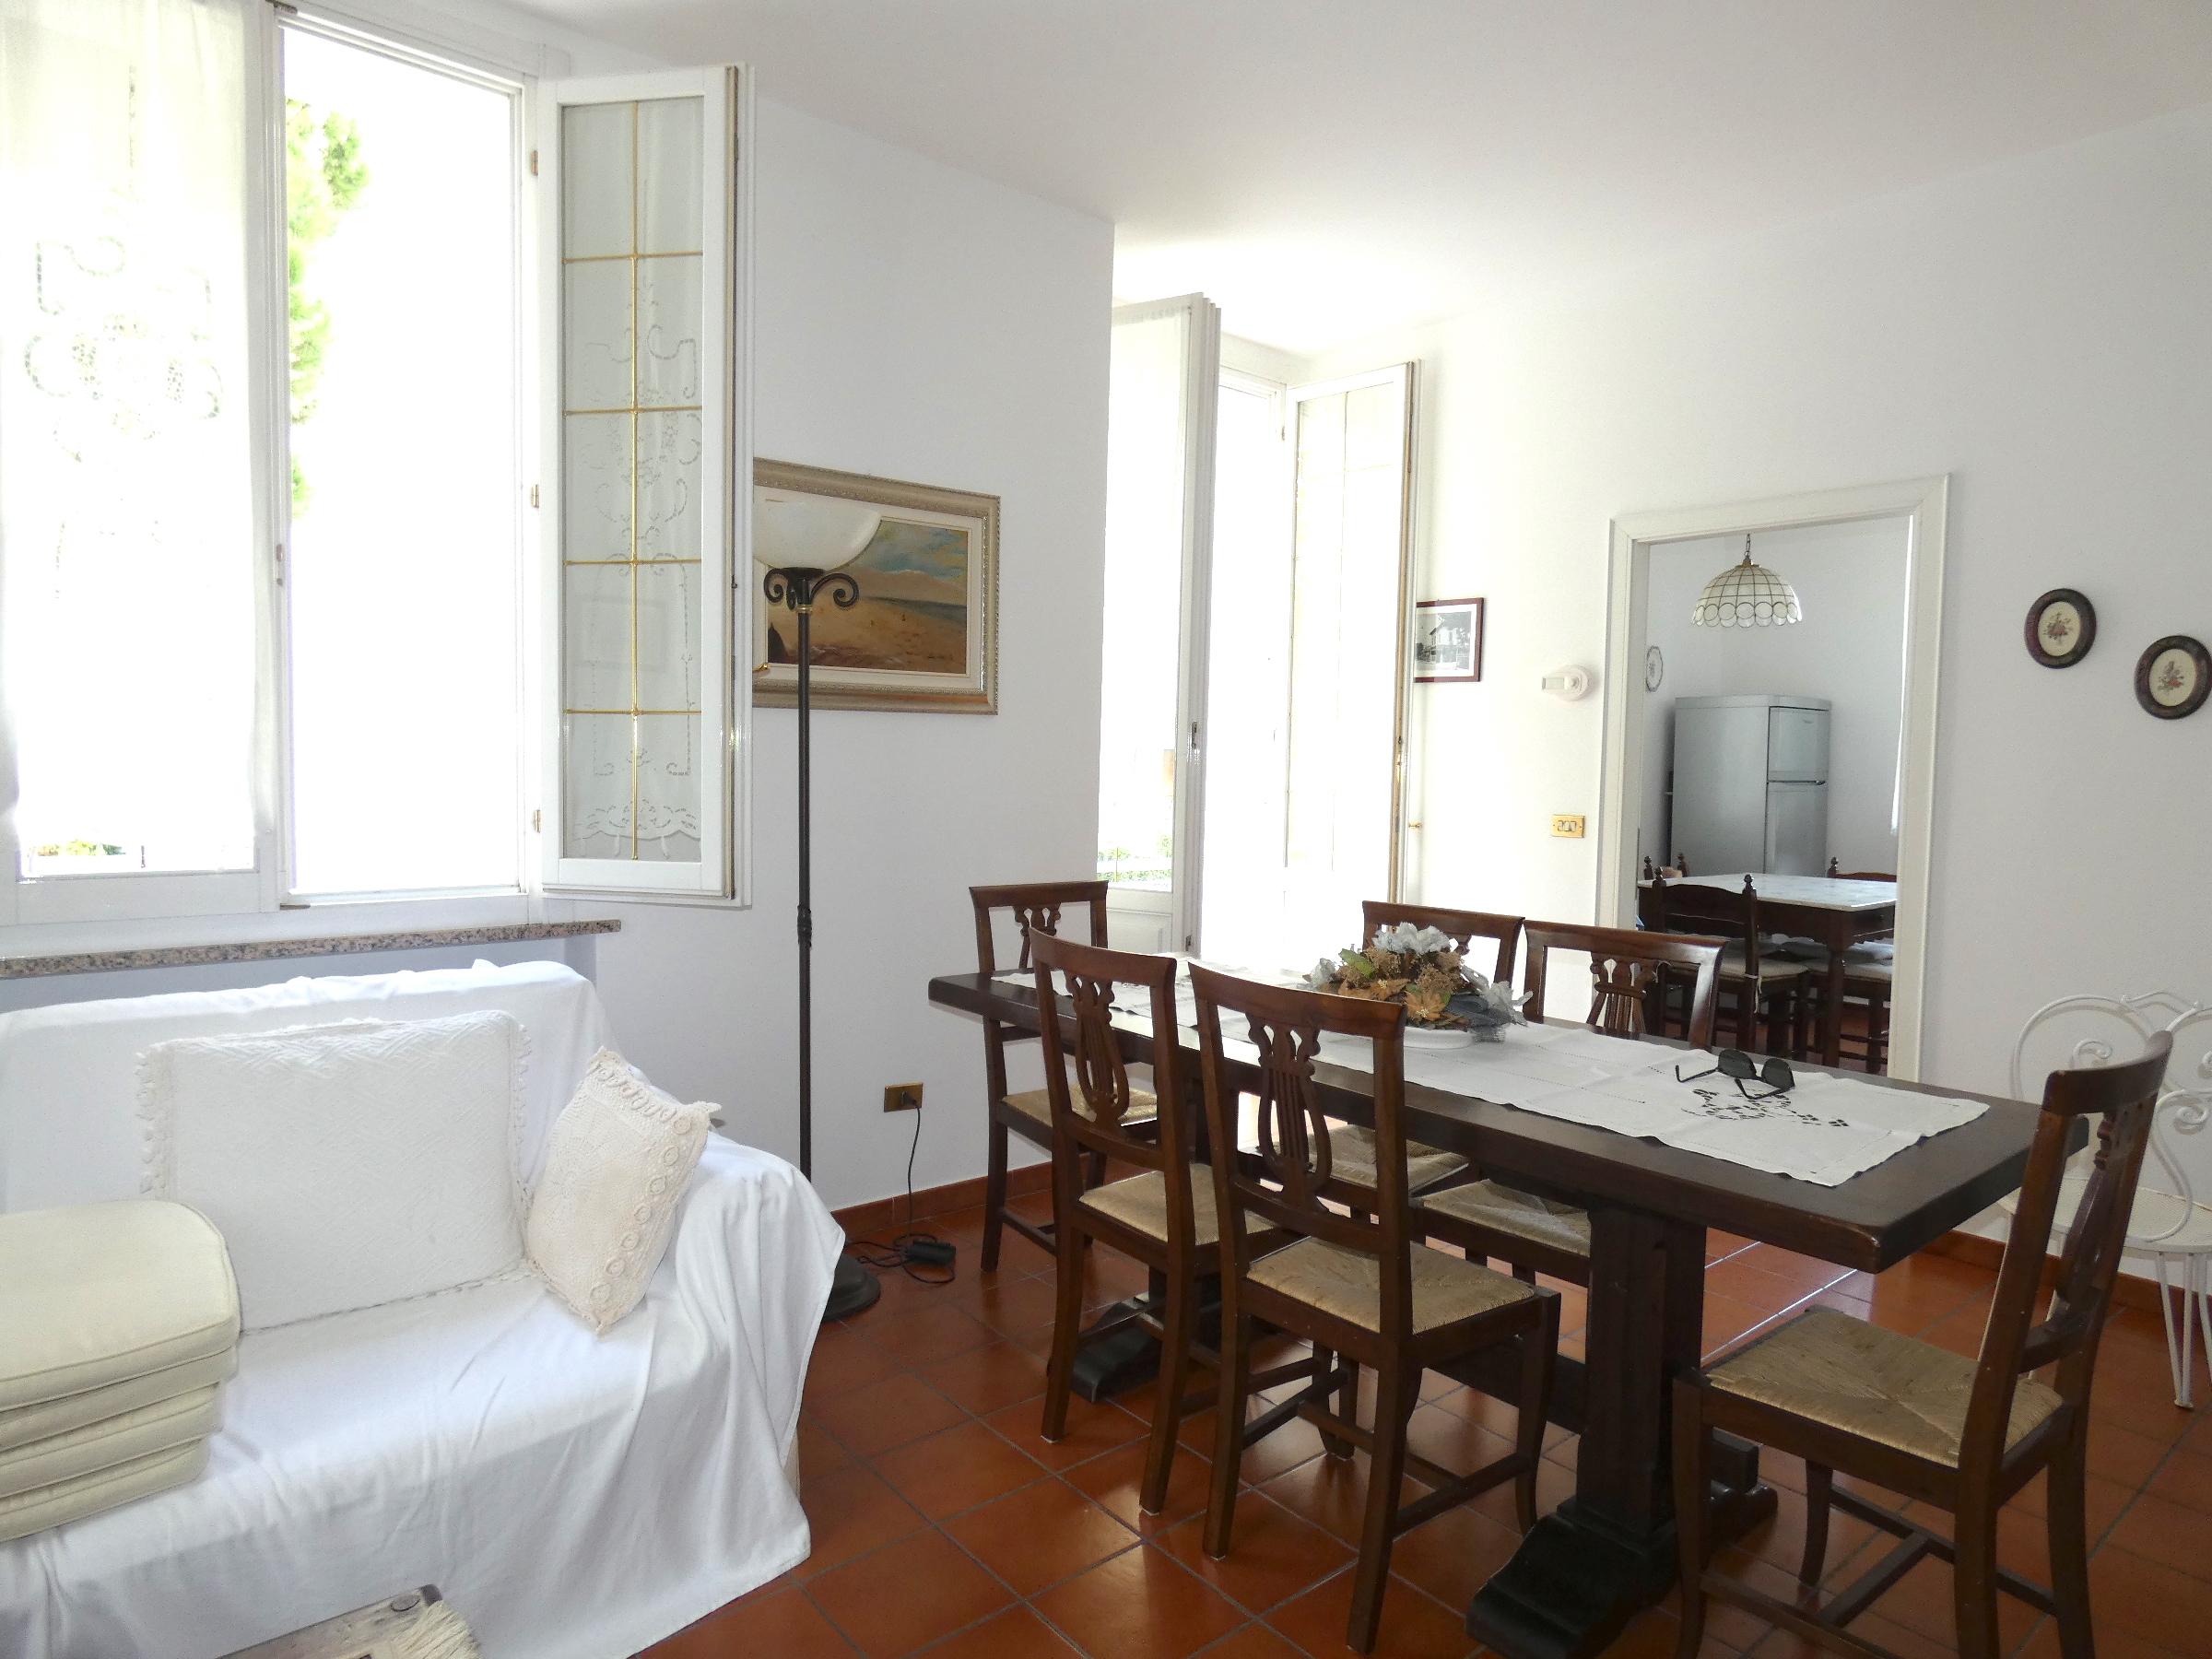 RICCIONE ABISSINIA, appartamento con terrazzo abitabile in bifamiliare  affitto stagionale